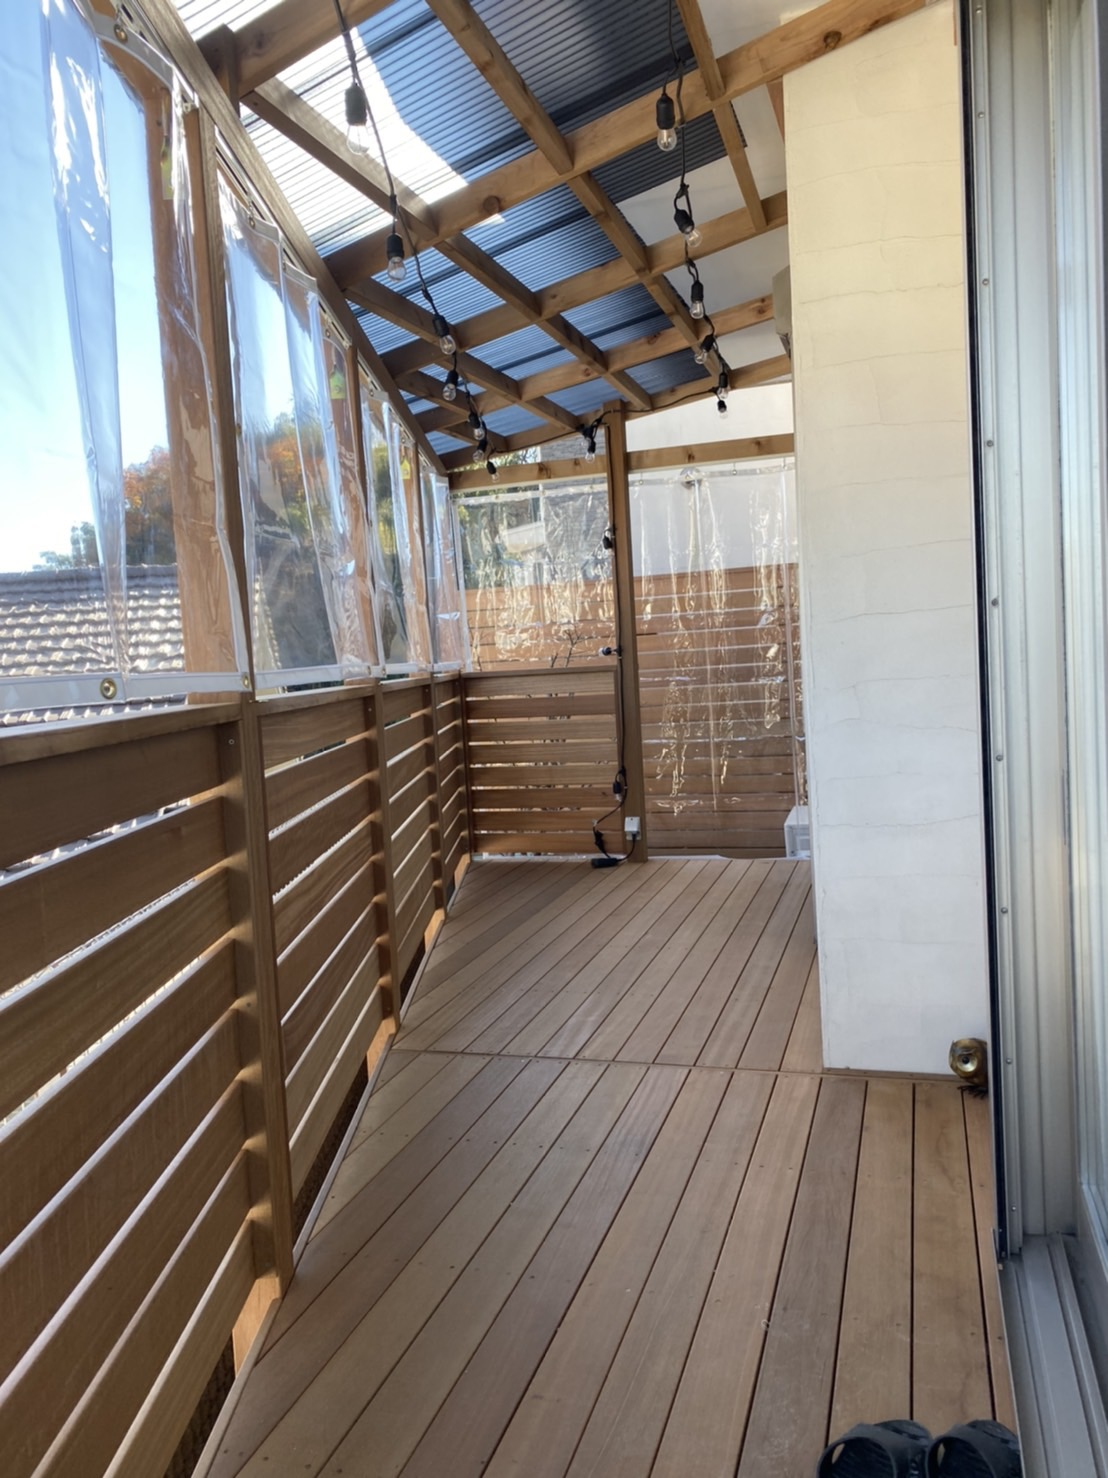 屋根とビニールカーテン付きウッドデッキ。 冬でも楽しめます。